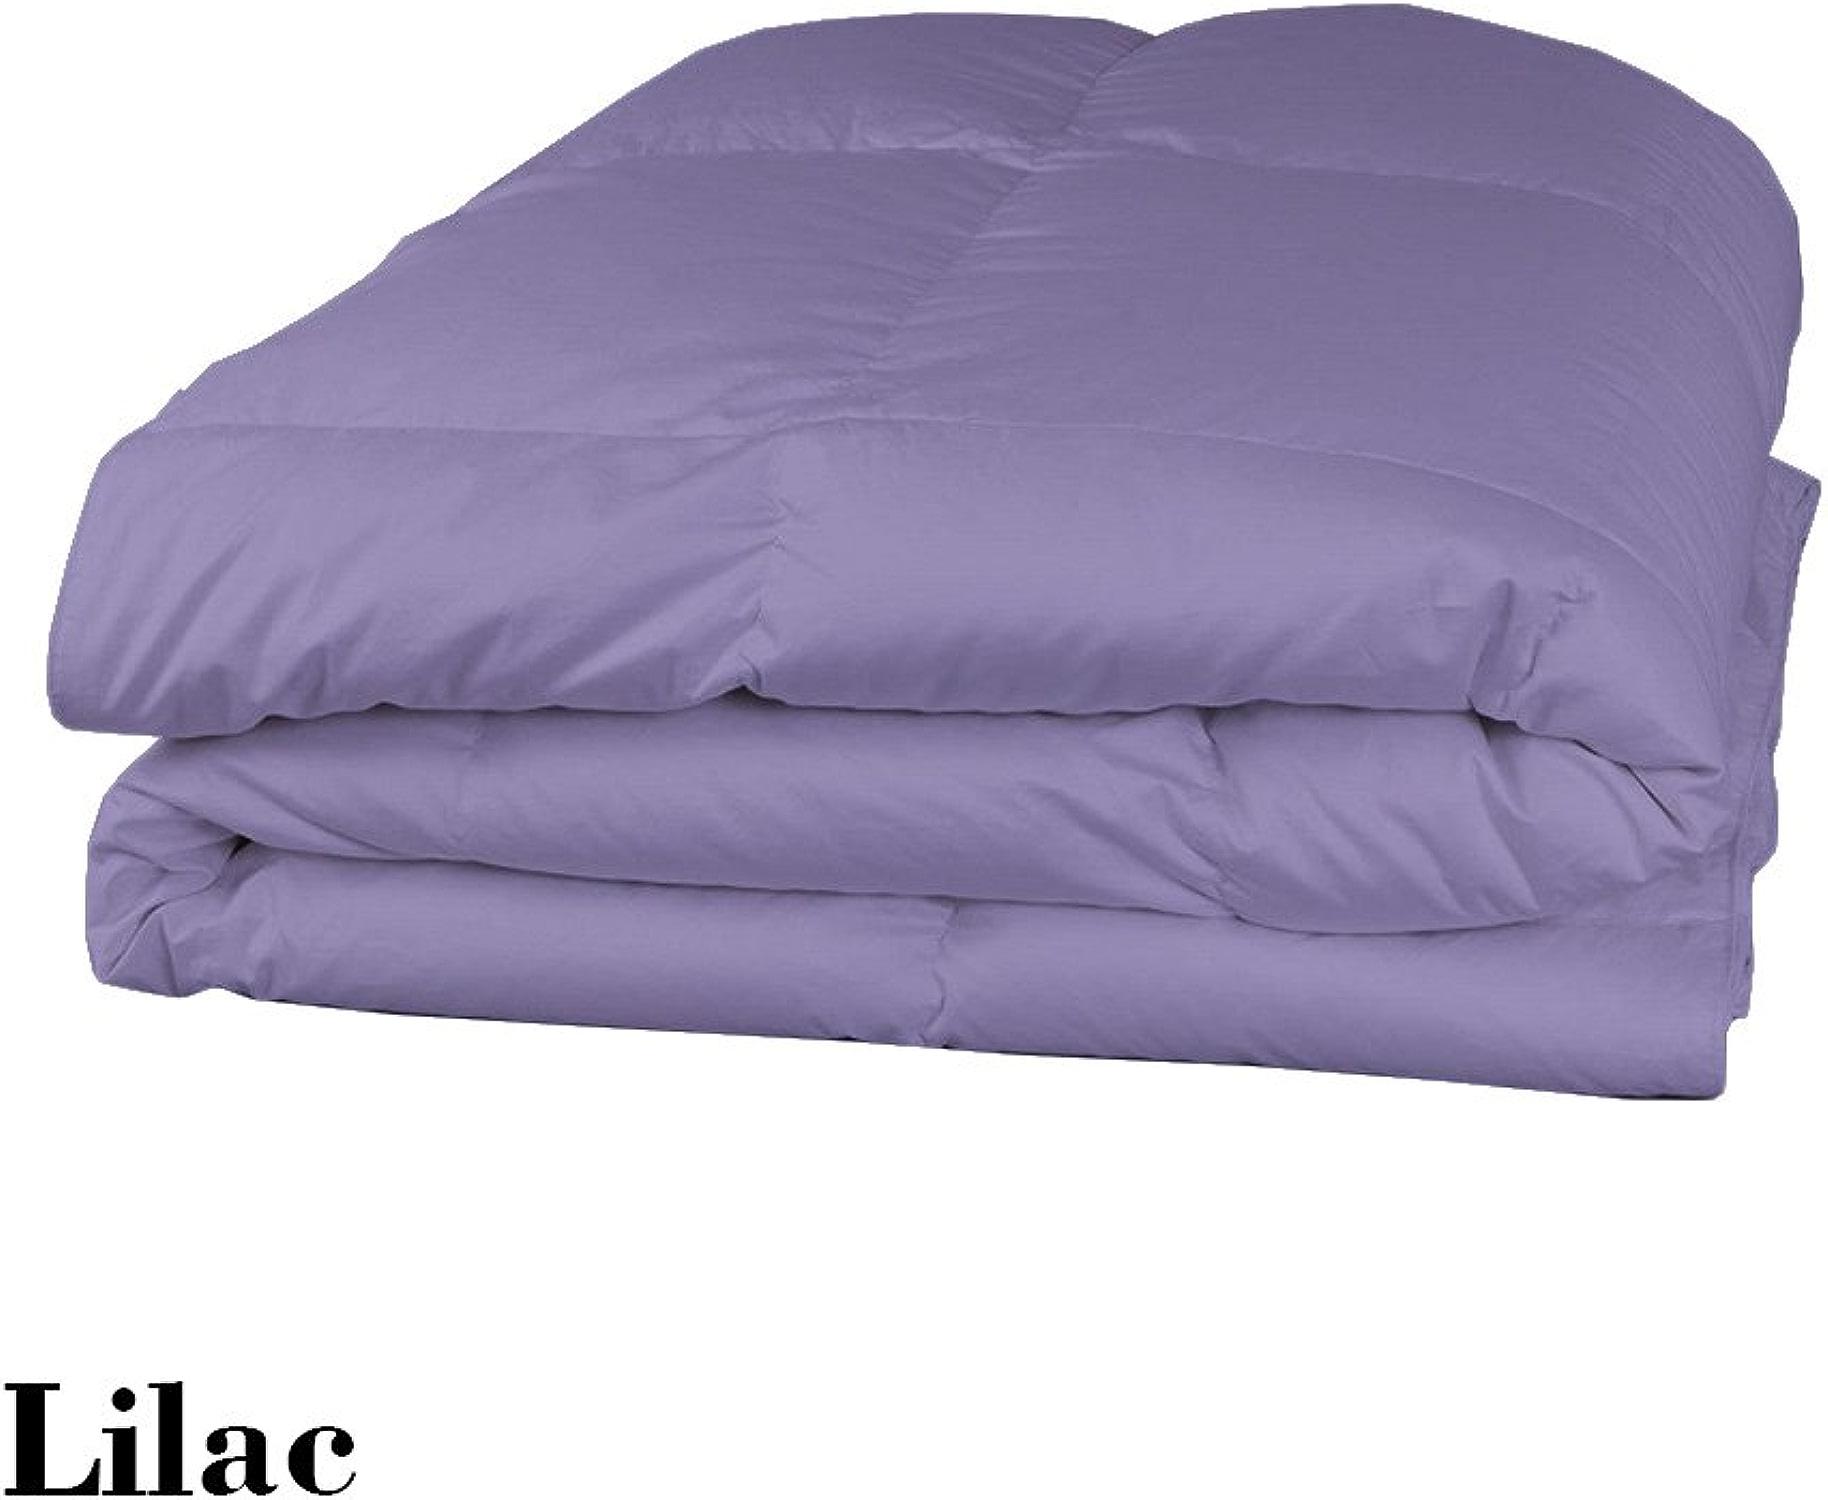 Dreamz Parure de lit Super Doux 650Fils 100% Coton 1Housse de Couette (100g m2 Fibre Fill) UK Petite Taille Unique Longue, Lavande violets Solide Coton égypcravaten 650tc Doudou